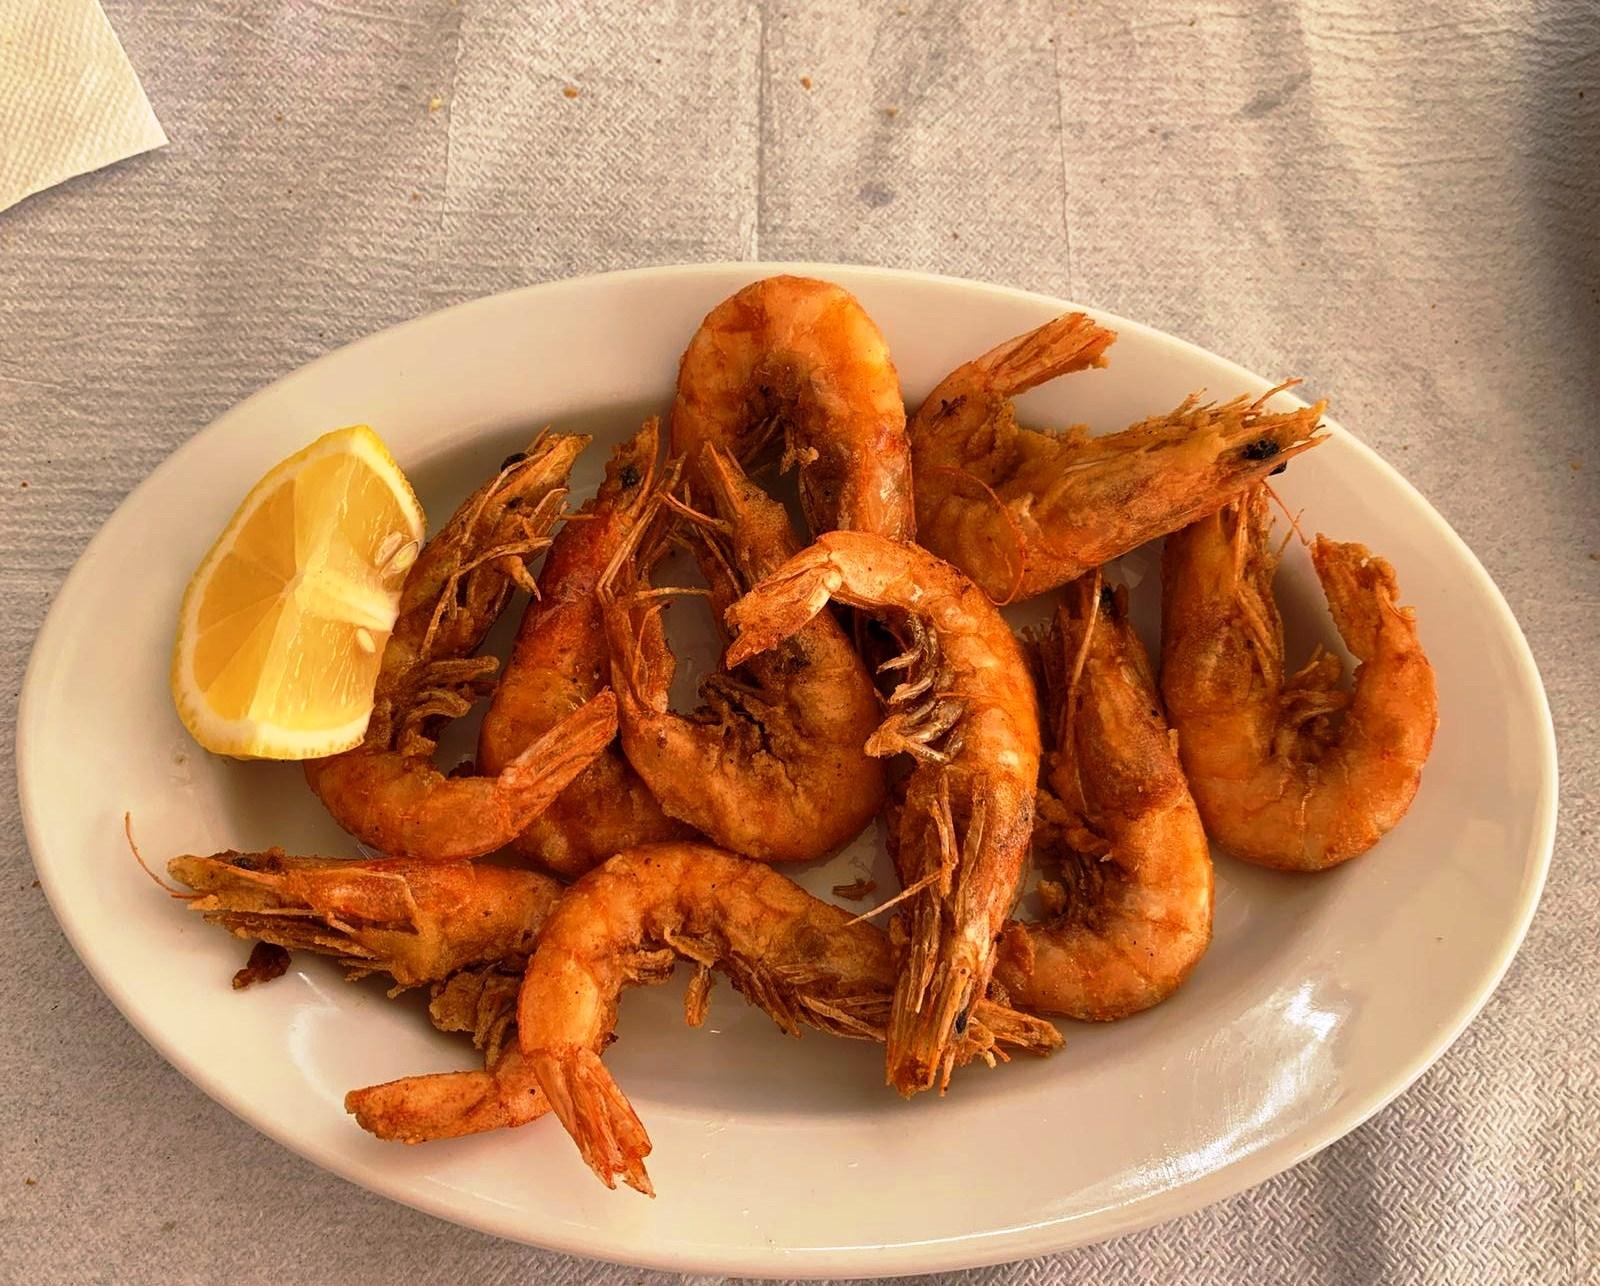 Mâncare cu specific mediteranean, insula Skiathos, Grecia, foto @ANCAPAVEL.RO